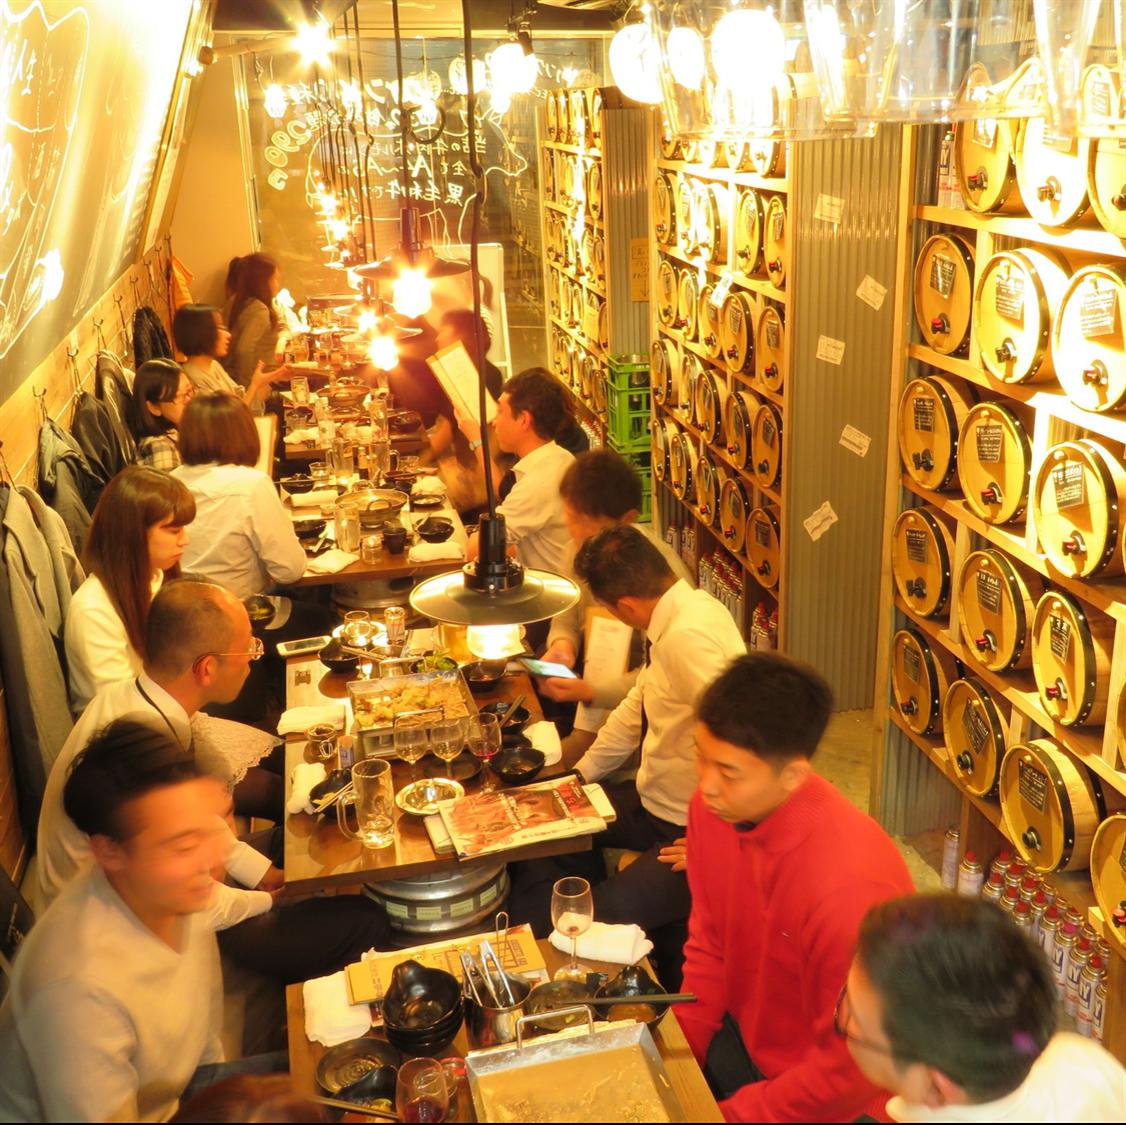 ◆メインテーブル席◆縦に1列で最大30名様座れるお席です。ワイン樽も近く宴会には最適です!!